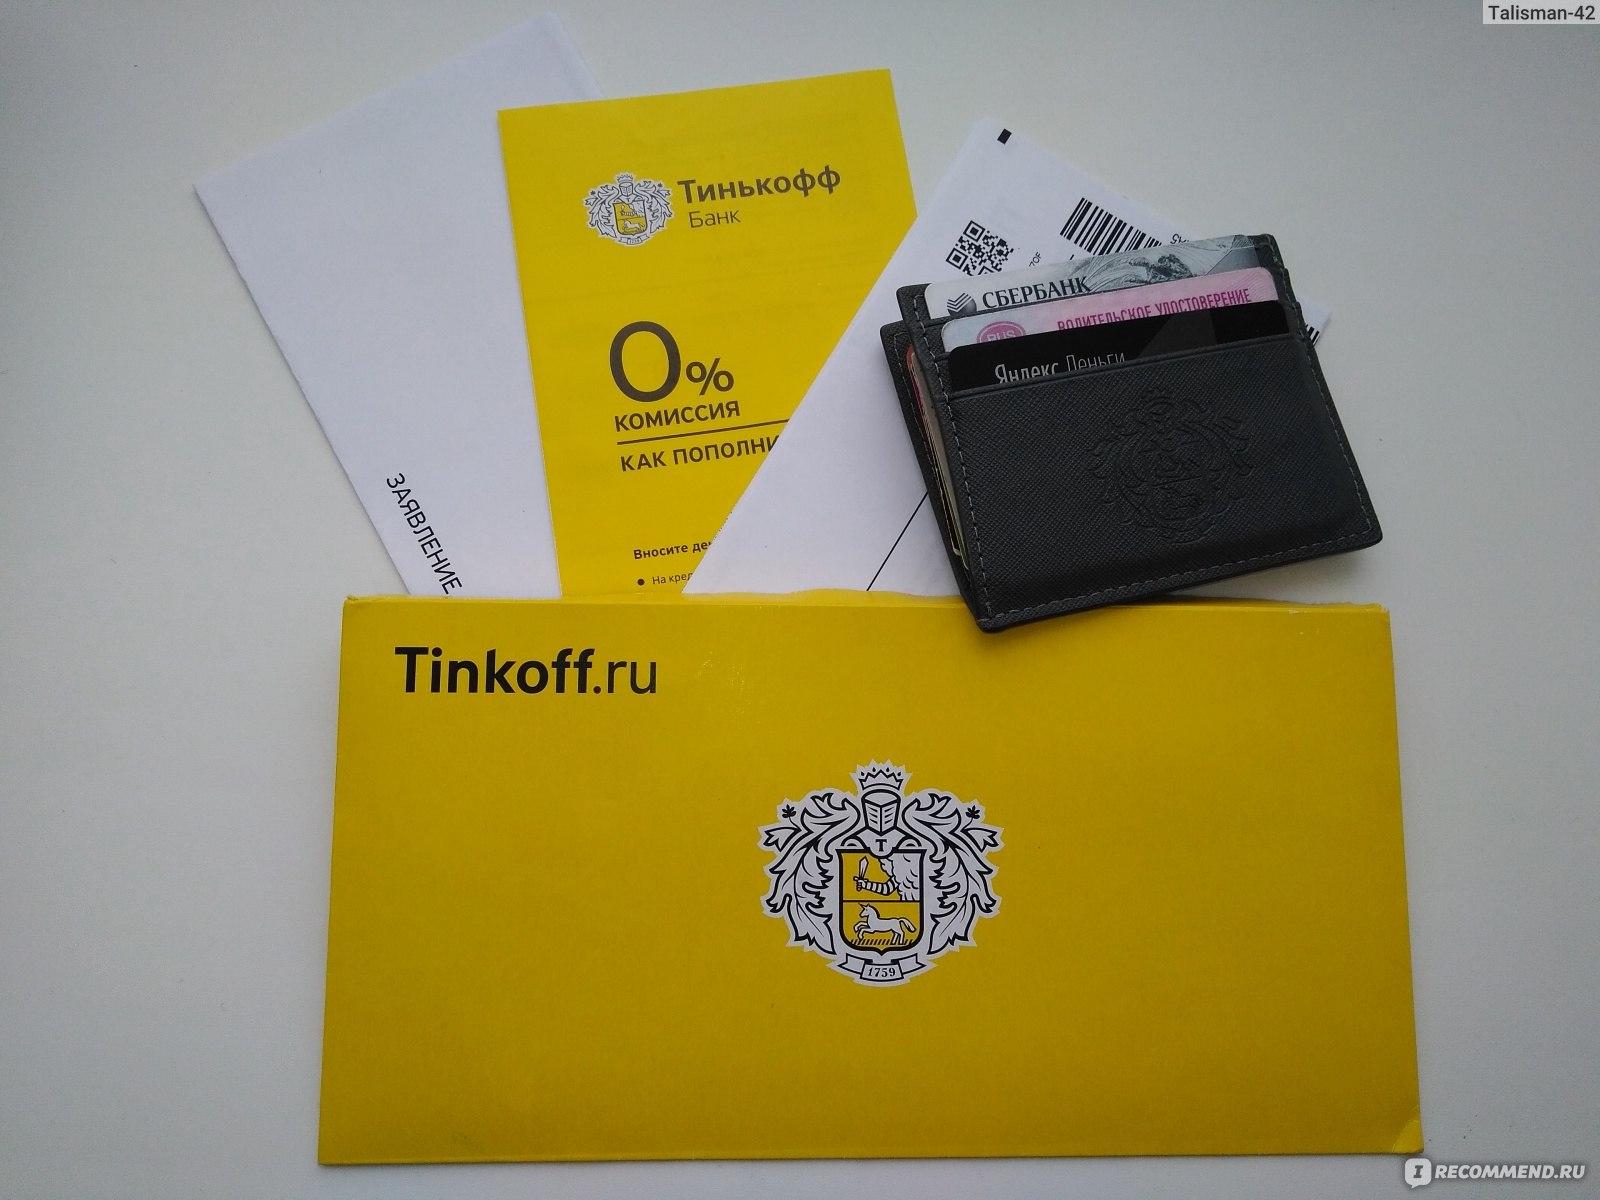 заявка на получения карты тинькофф банка